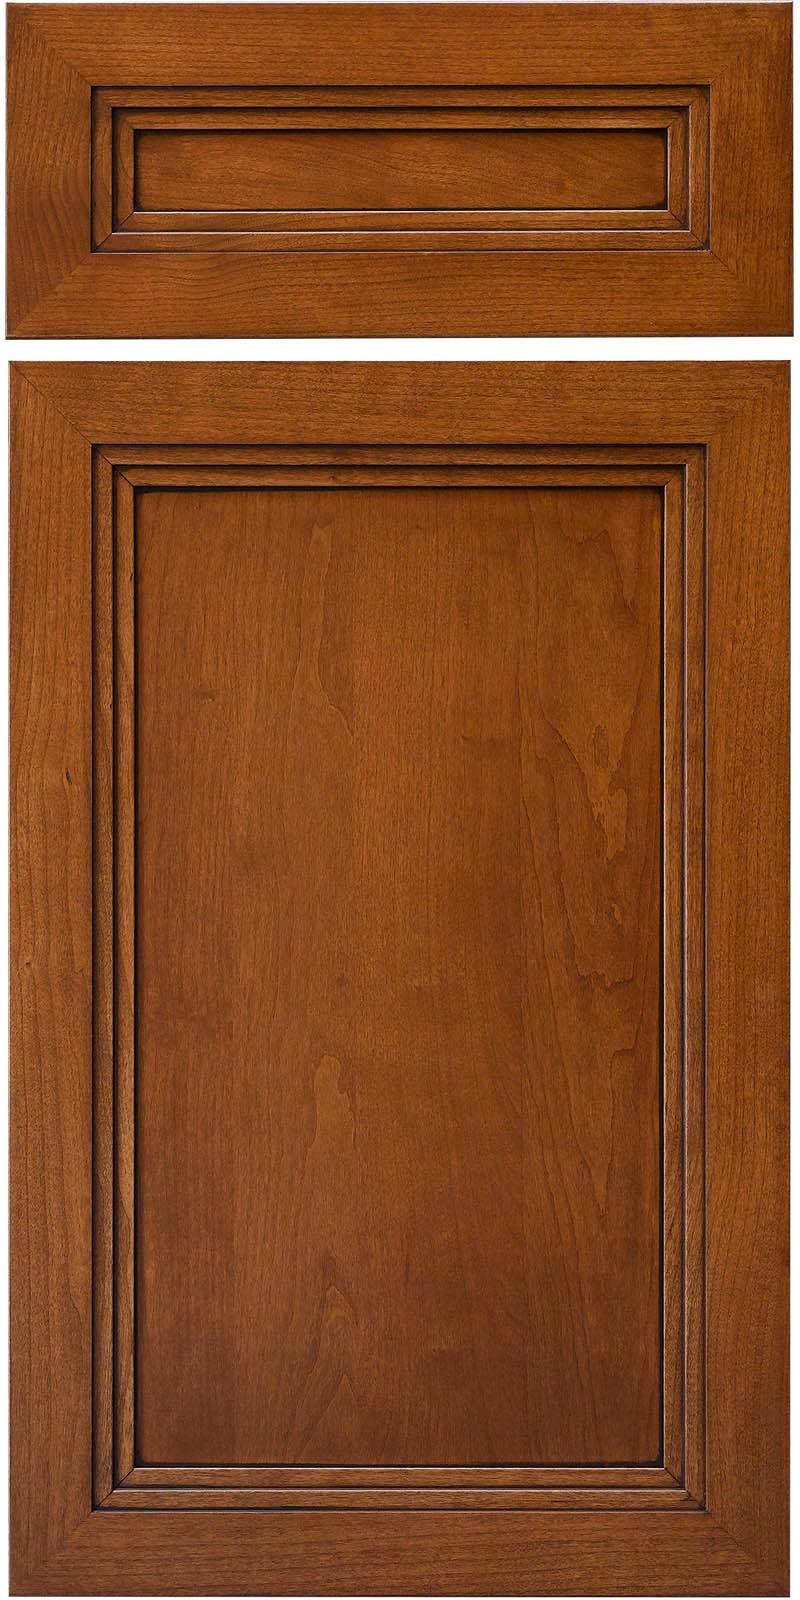 CRP10382 | Recessed Panel | Construction | Cabinet Doors ...